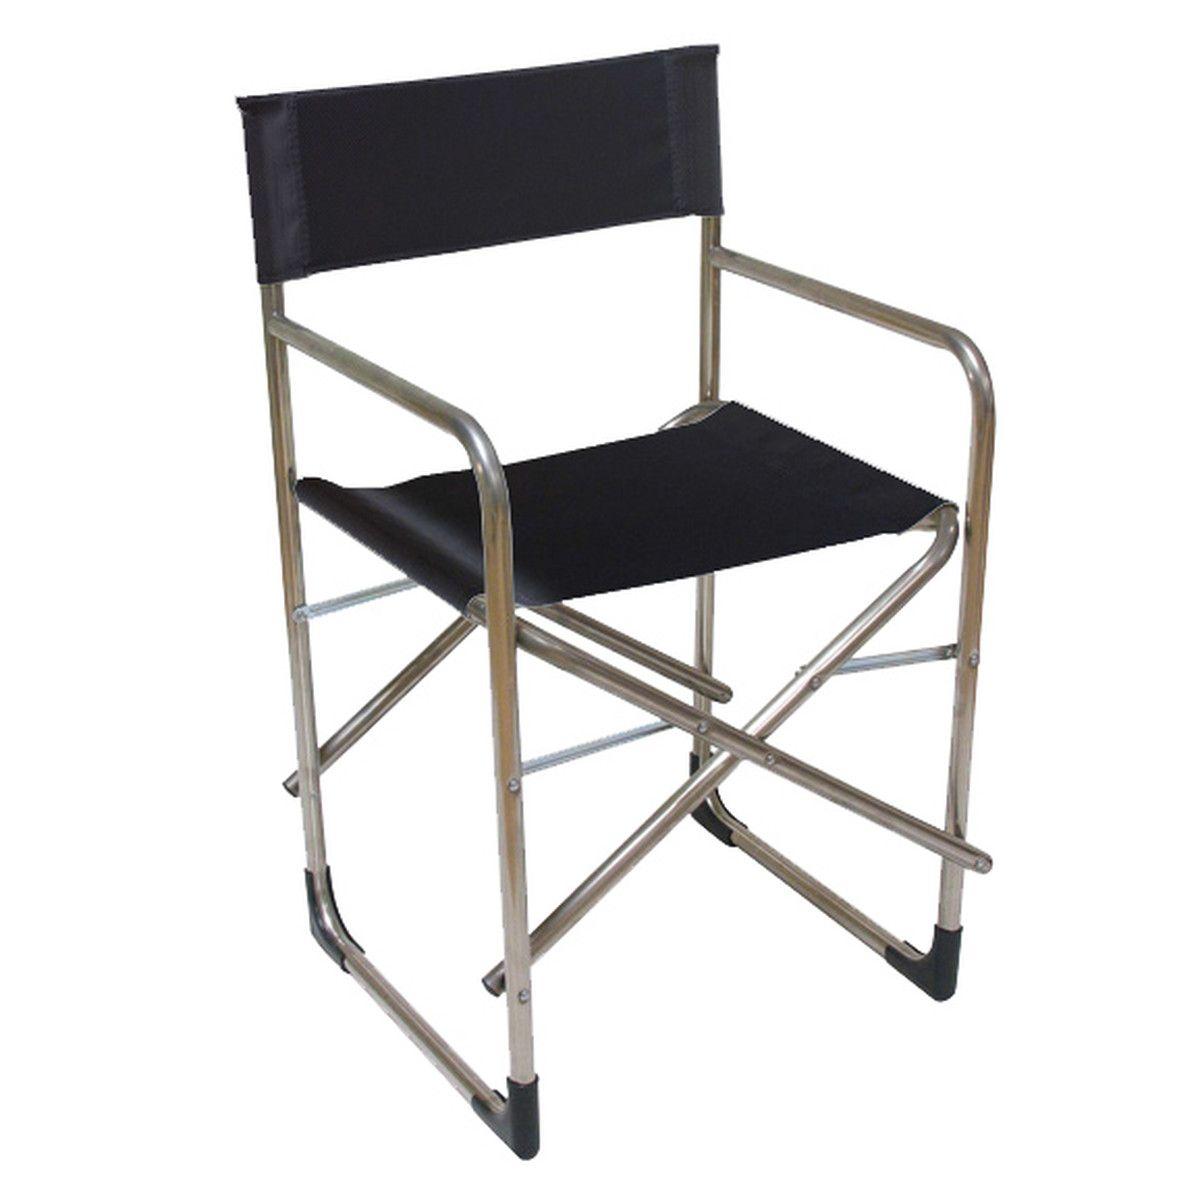 Fiam Regie Aluminium Sessel Schwarz Outdoor Chairs Outdoor